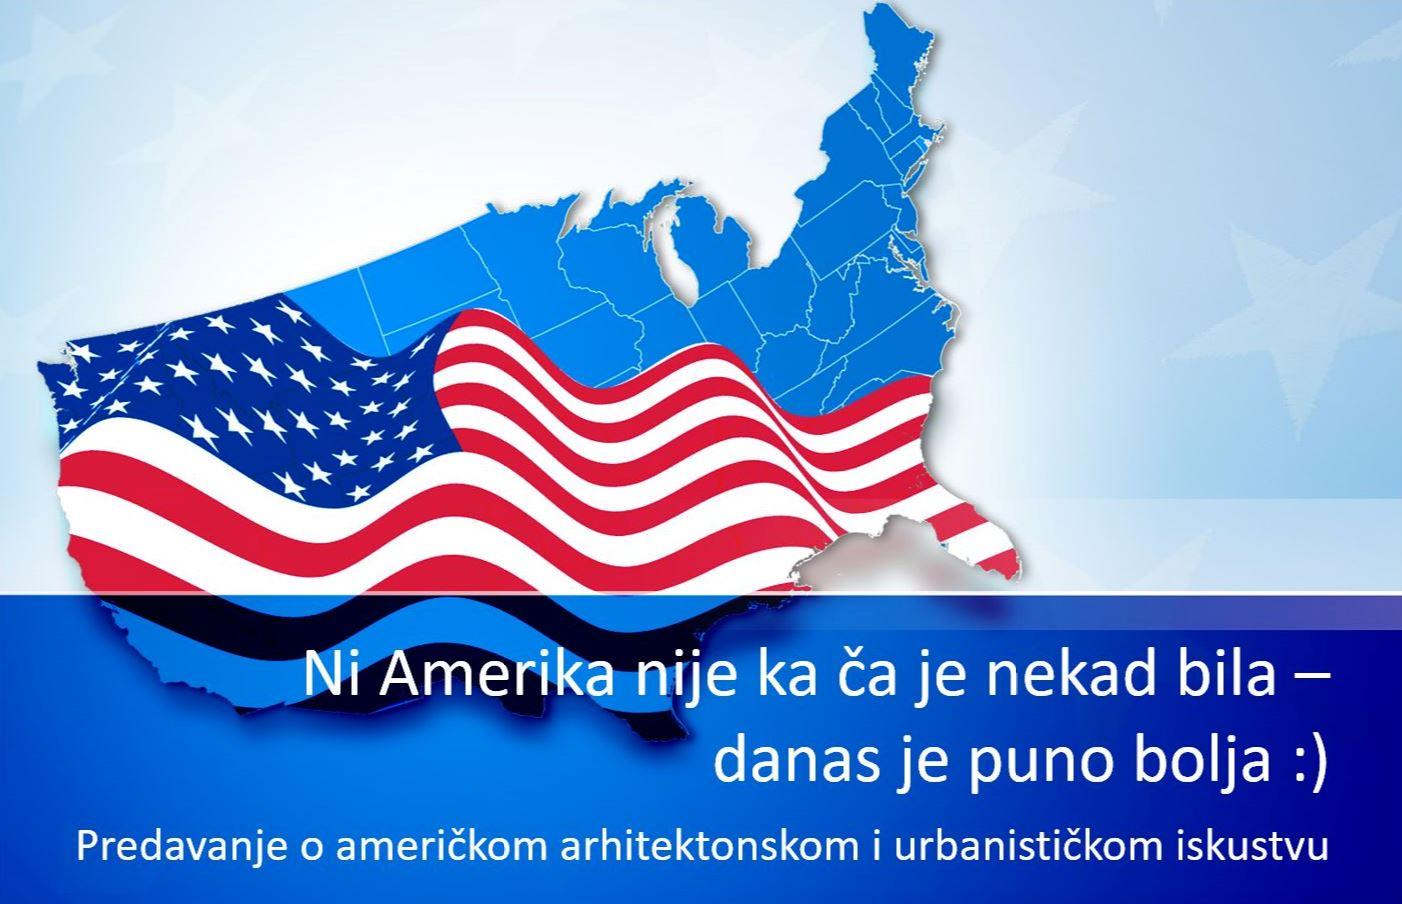 America_cut